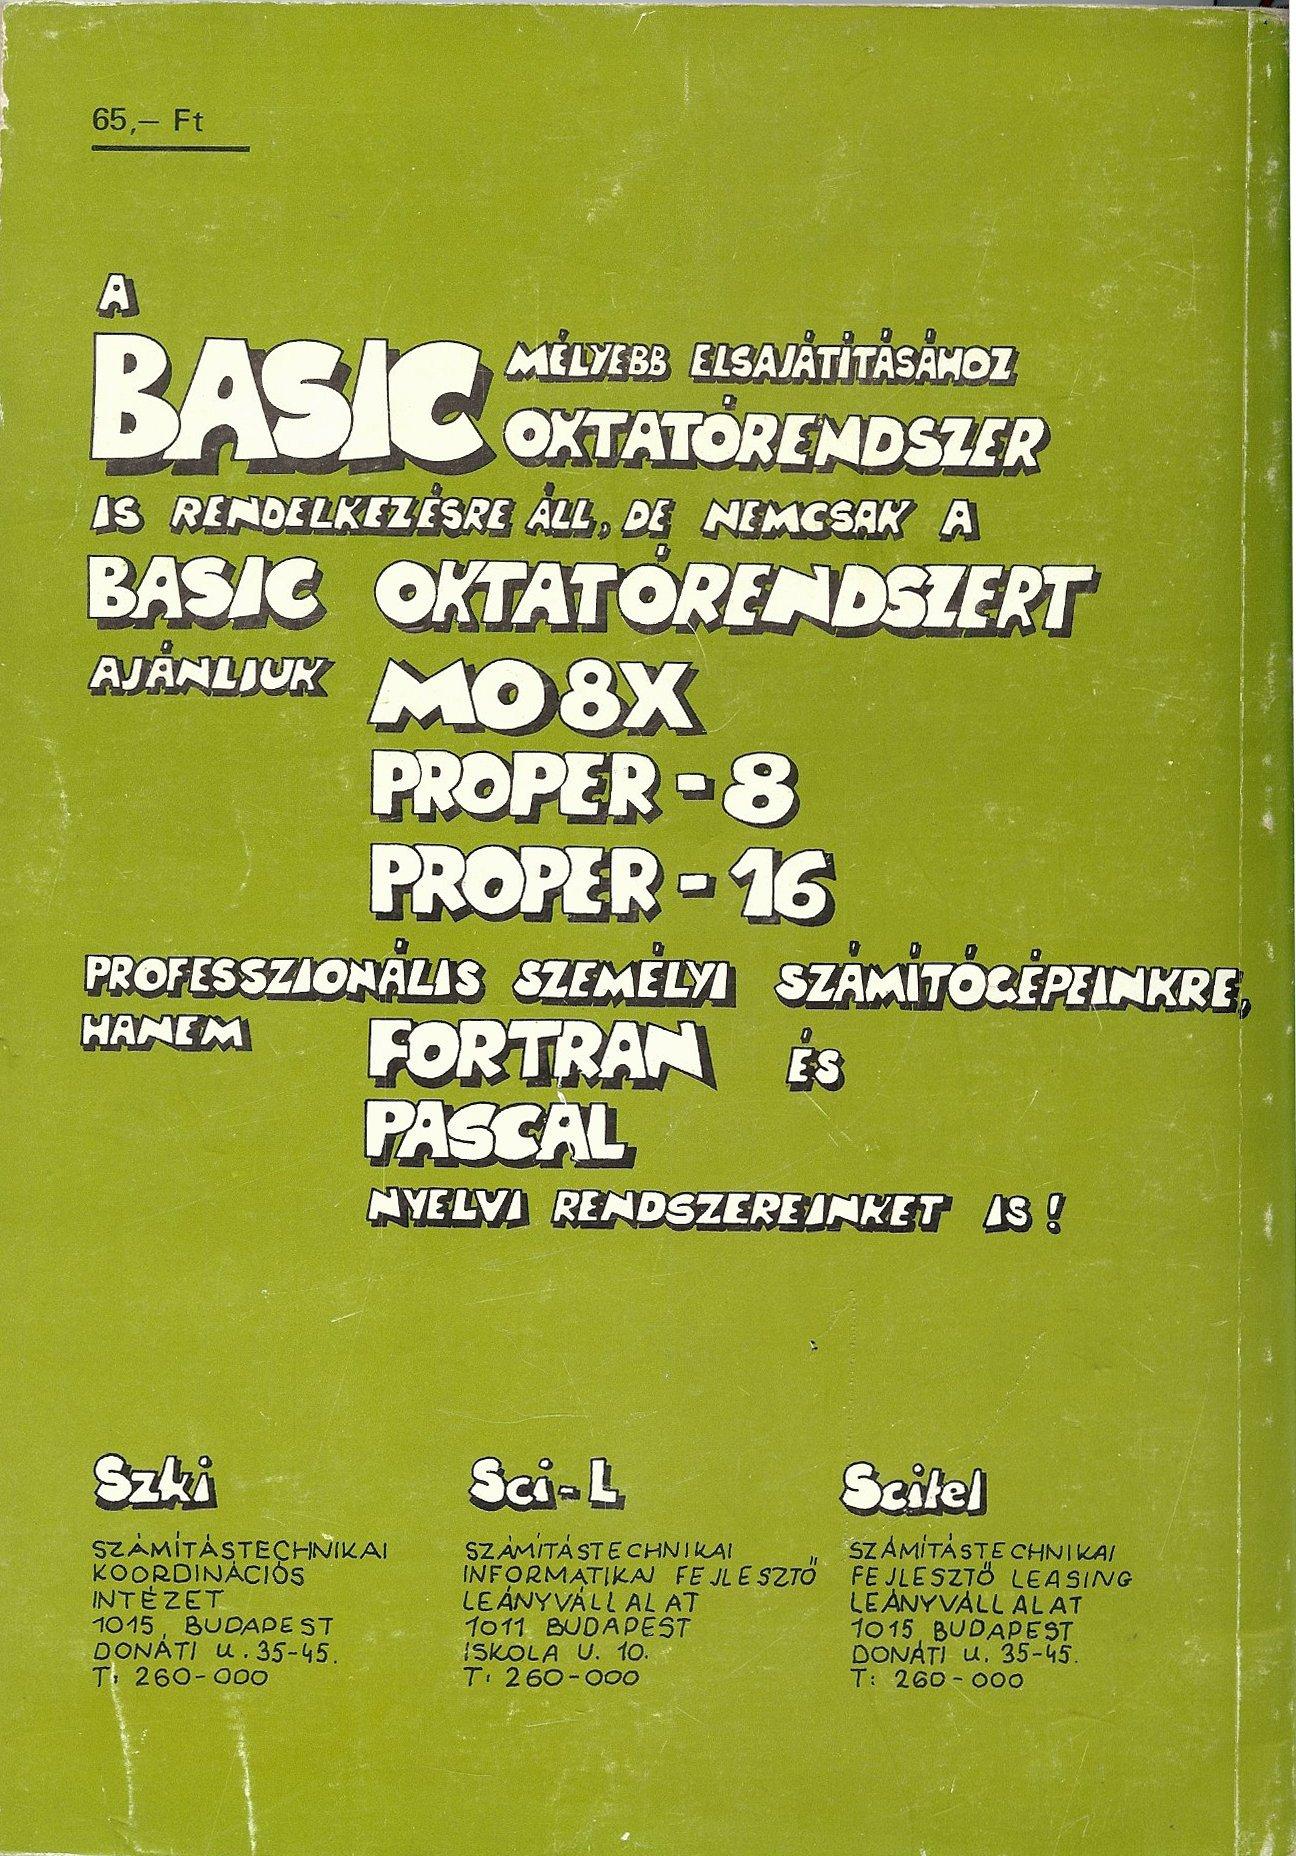 Ismerd meg a BASIC nyelvjárásait ZX Spectrum TI-994A Proper 16A hátoldal